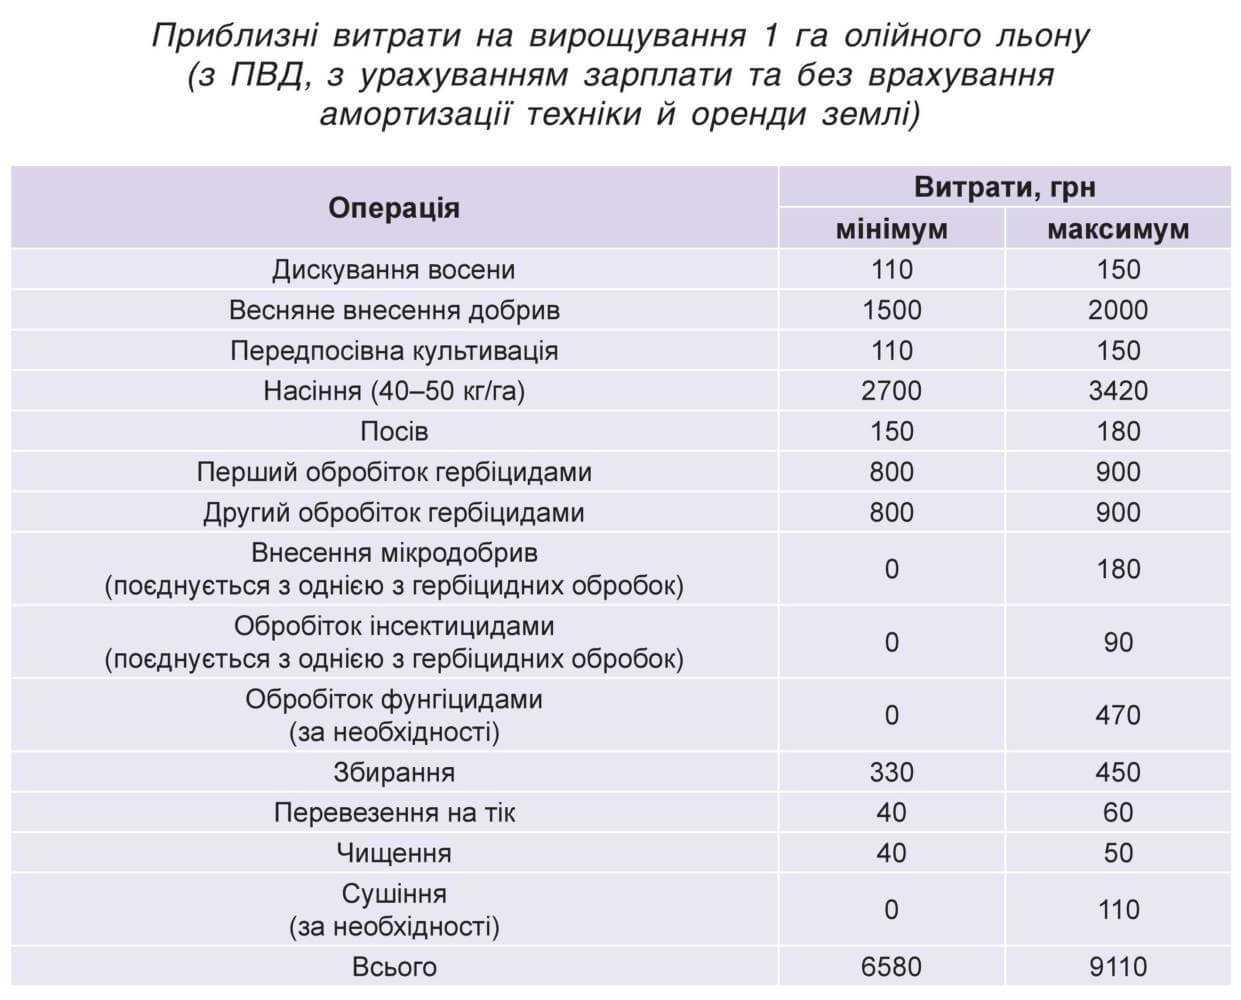 Приблизні витрати на вирощування 1 га олійного льону